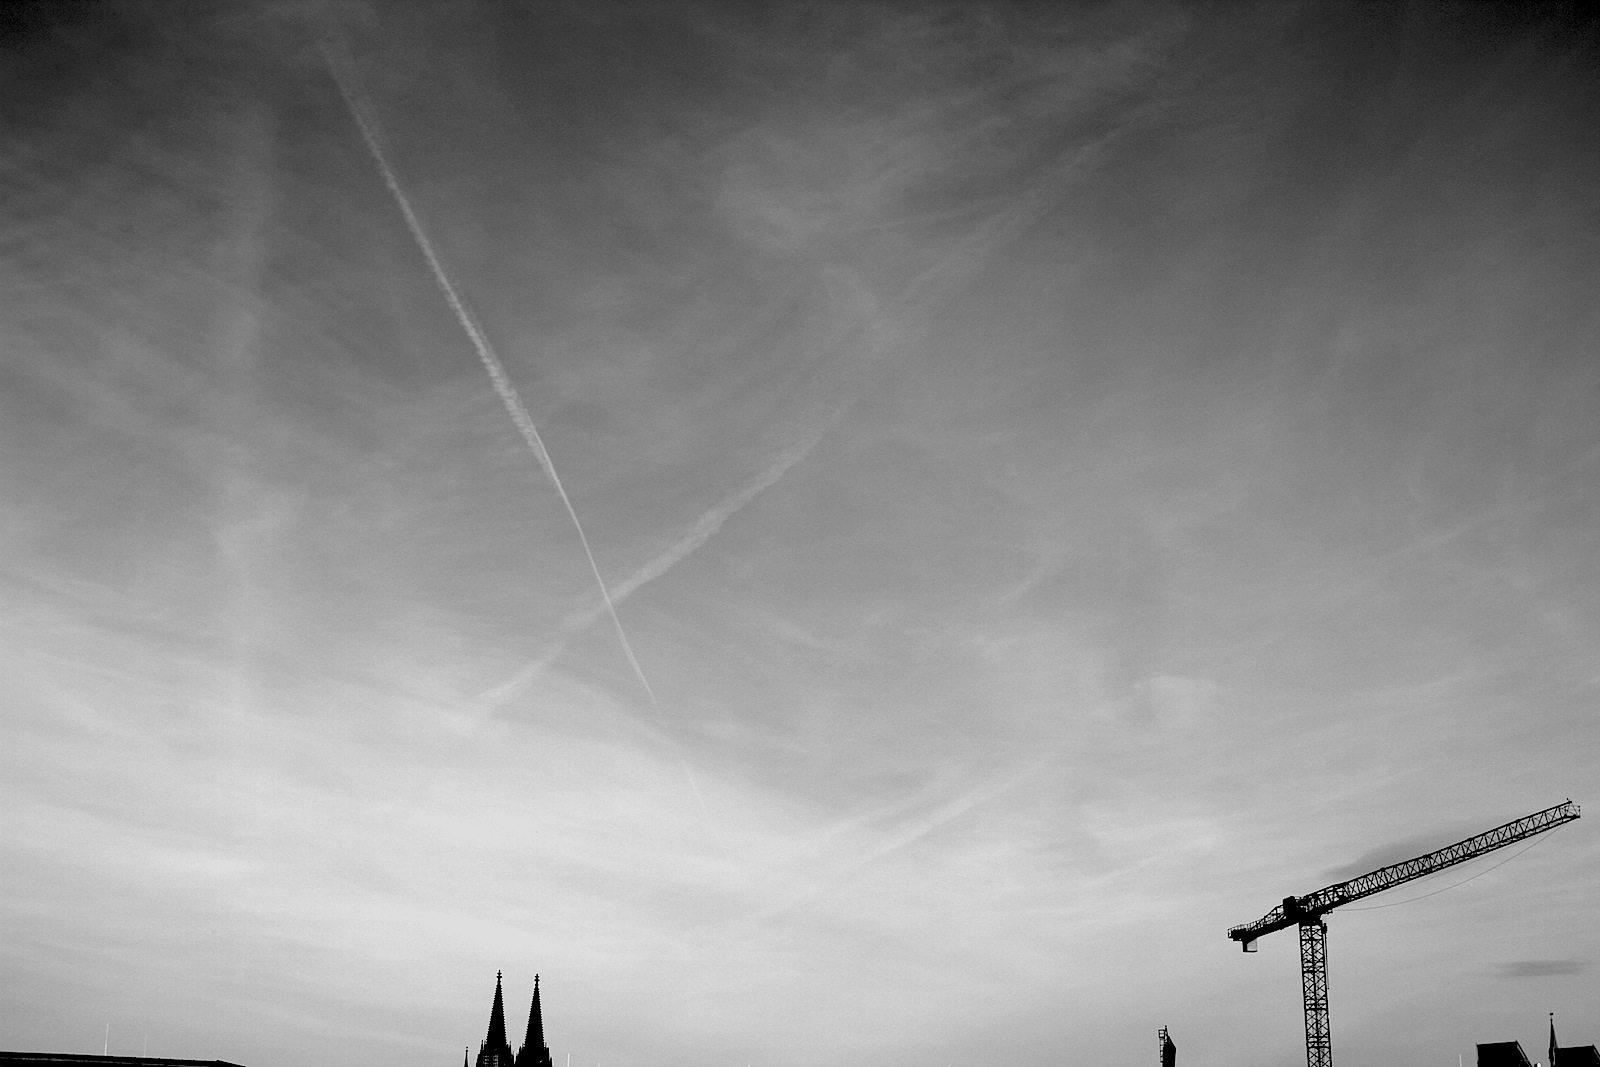 """Der Himmel über Köln. besteht gerne aus Kränen und der Hohen Domkirche Sankt Petrus (besser bekannt als """"der Dom""""), was angesichts der Höhe seiner Doppeltürme von 157 Meter nicht überrascht. So oder so: für den Koelnmesse-MediaPark-Gang sollte man sich Zeit nehmen und sich von Ein- und Aussichten überraschen, wie diesem von der Anhöhe des Spielplatzes MediaPark."""